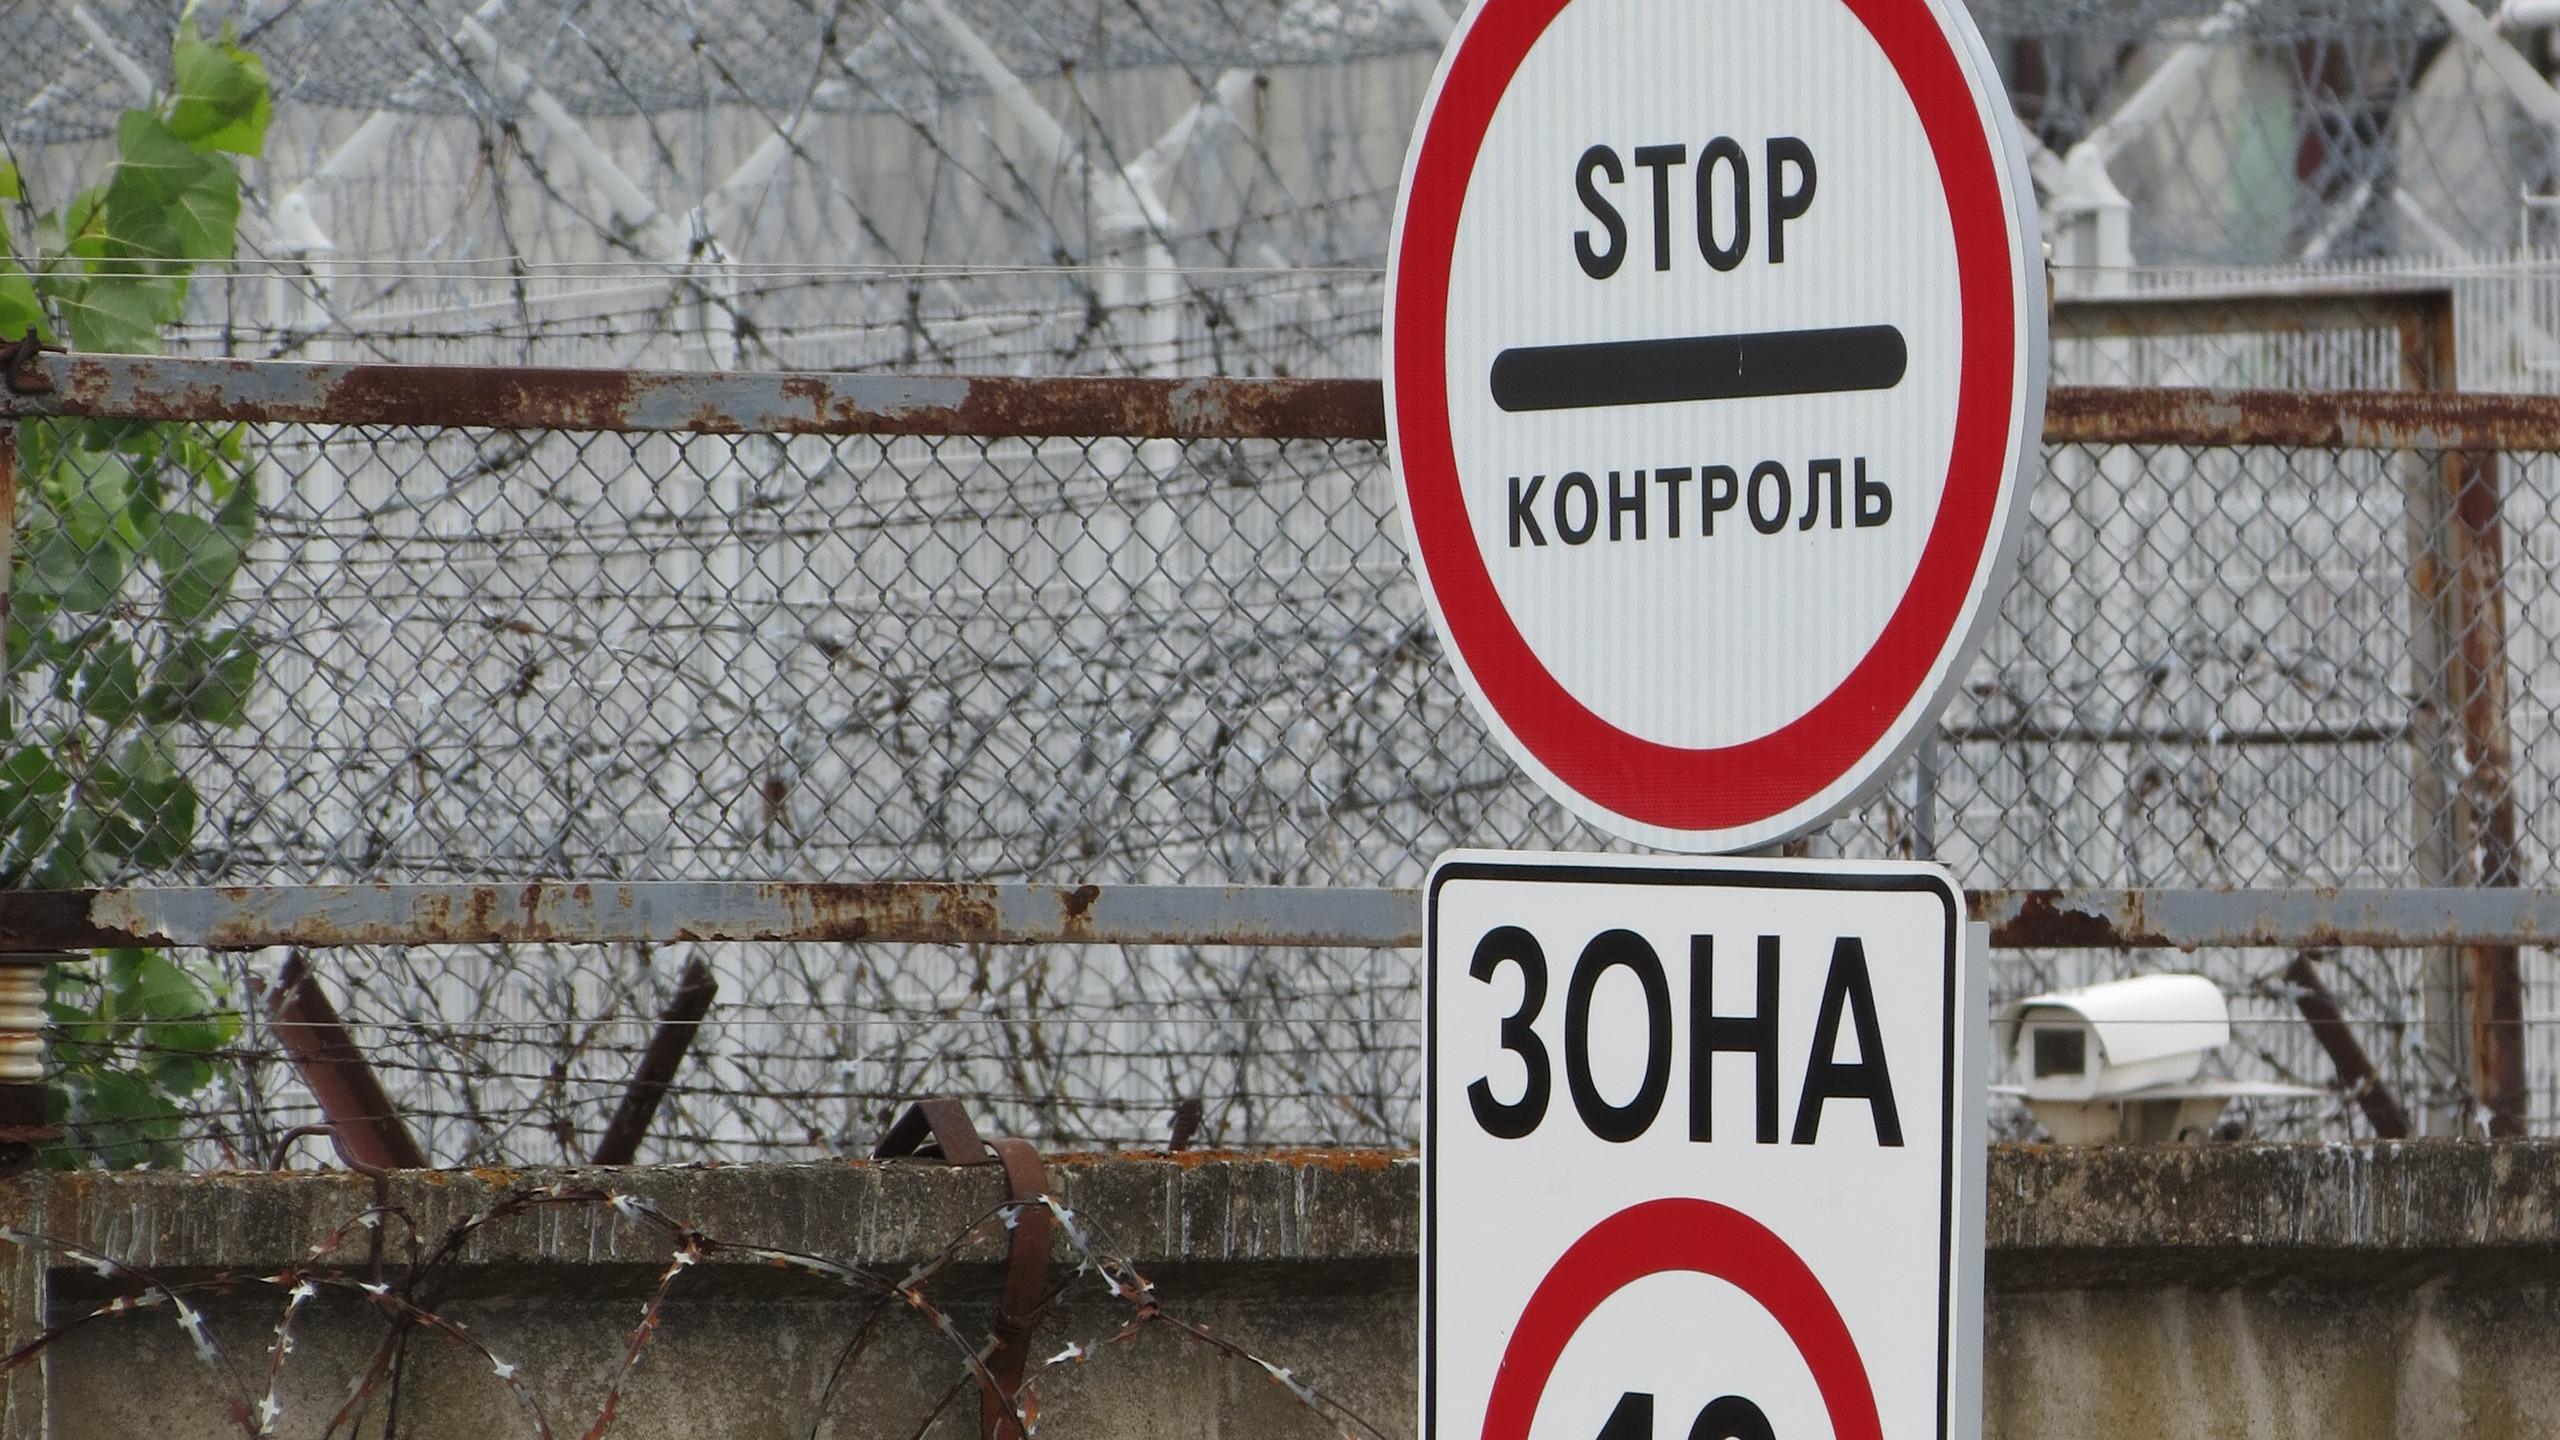 314 - Chernobyl